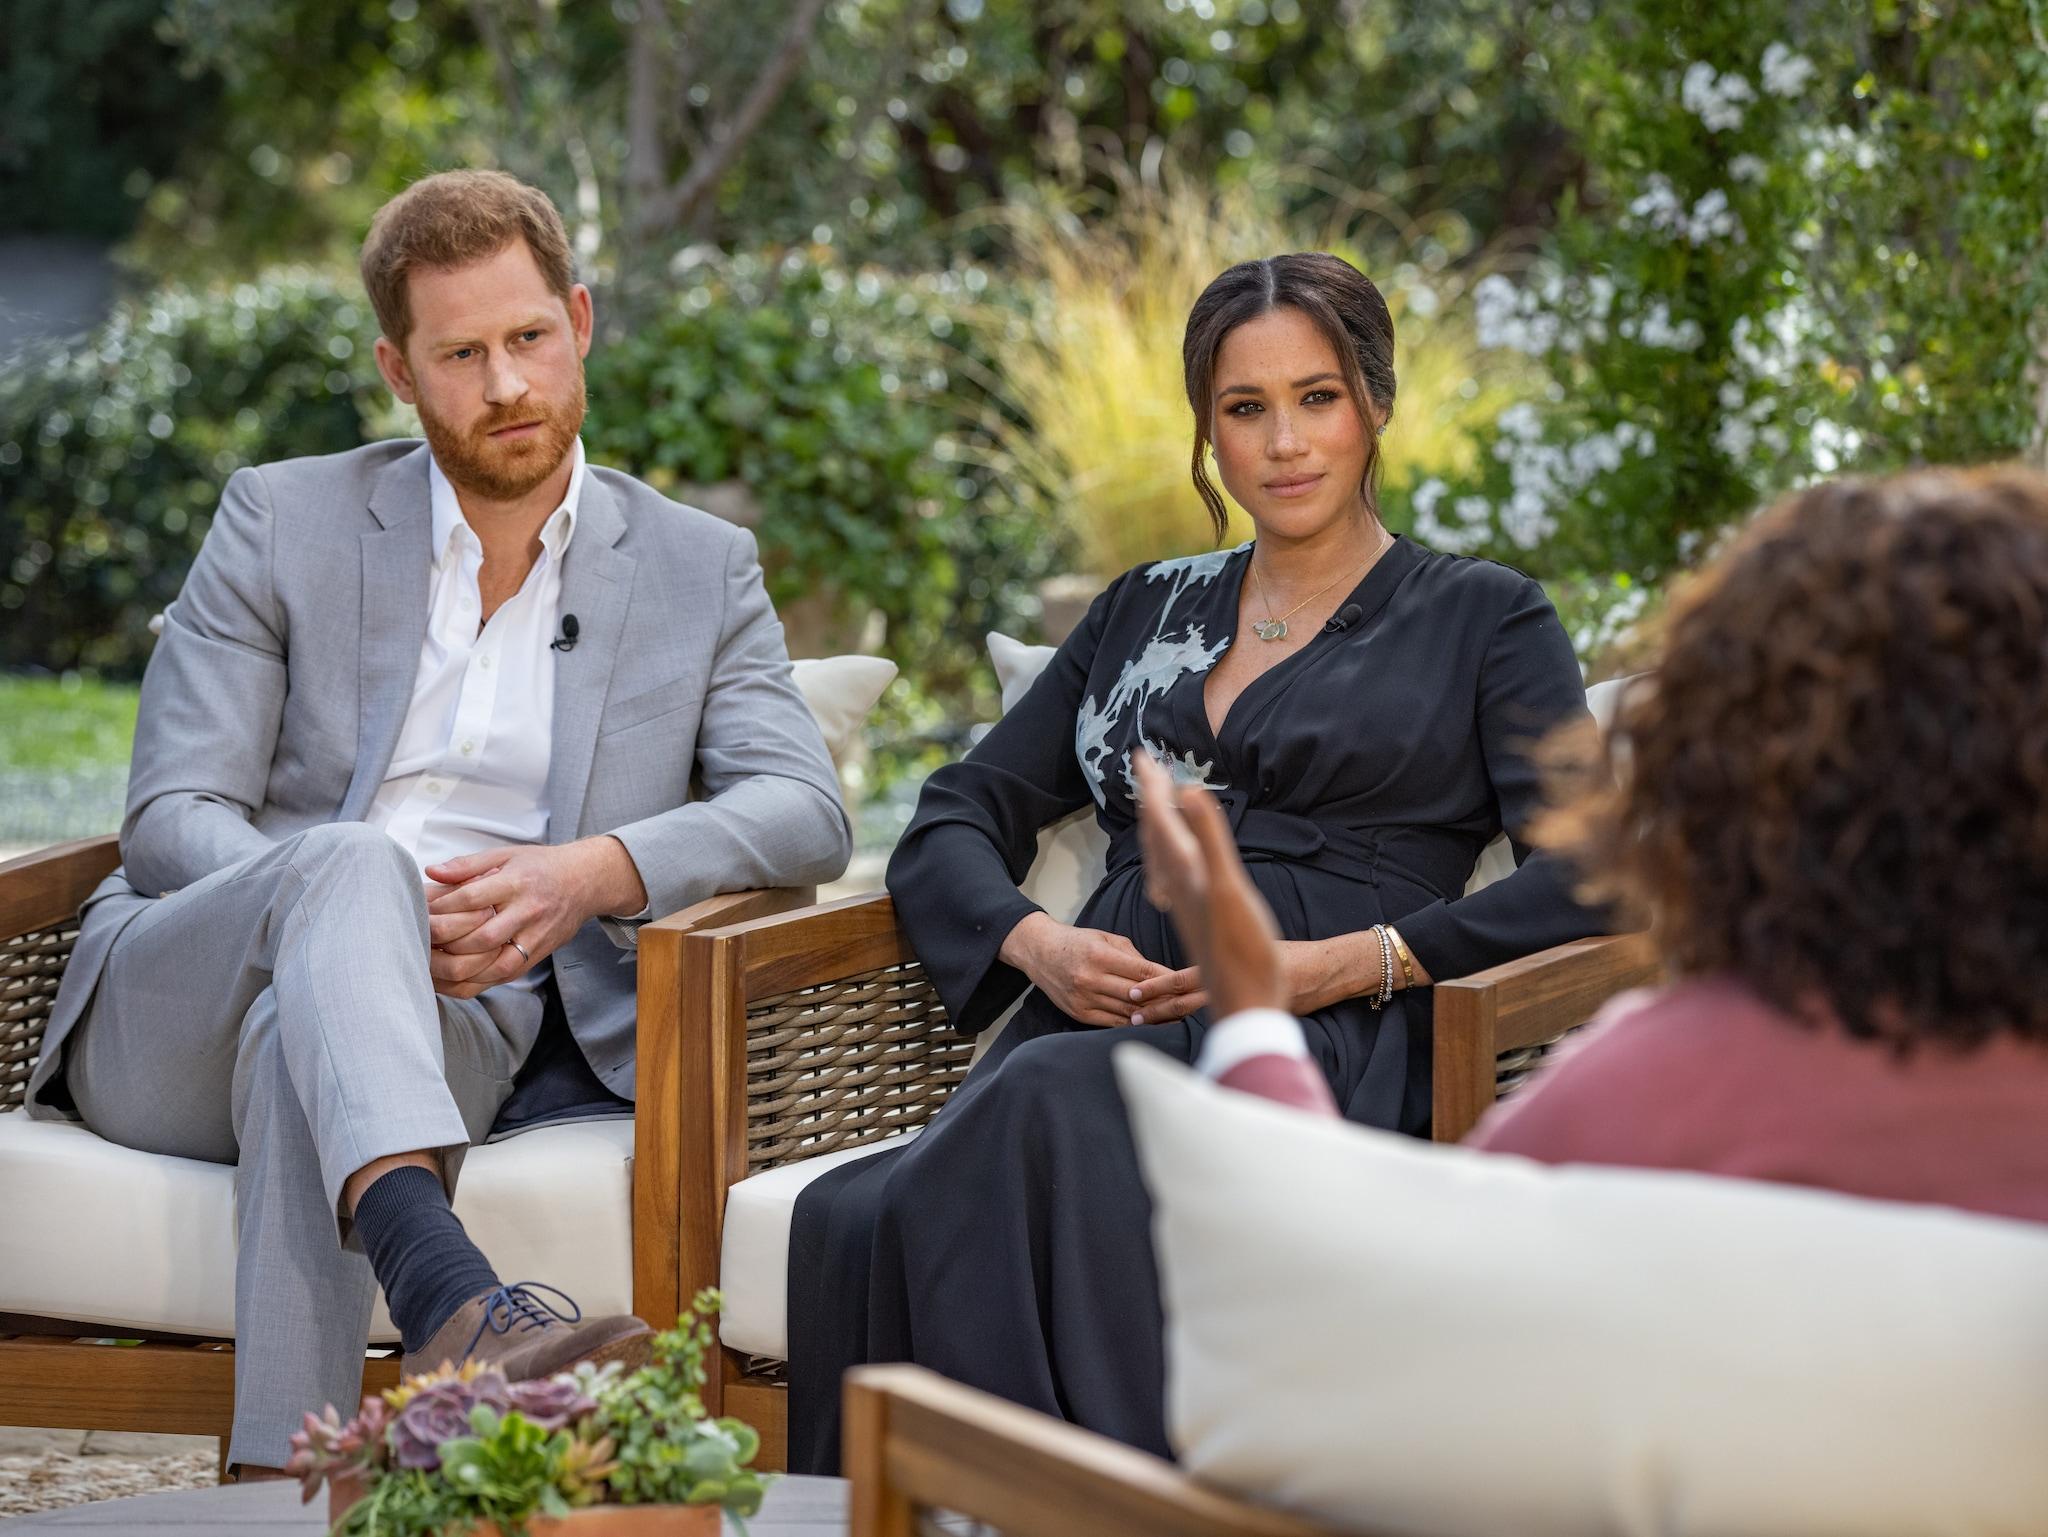 L'intervista della coppia con Oprah Winfrey